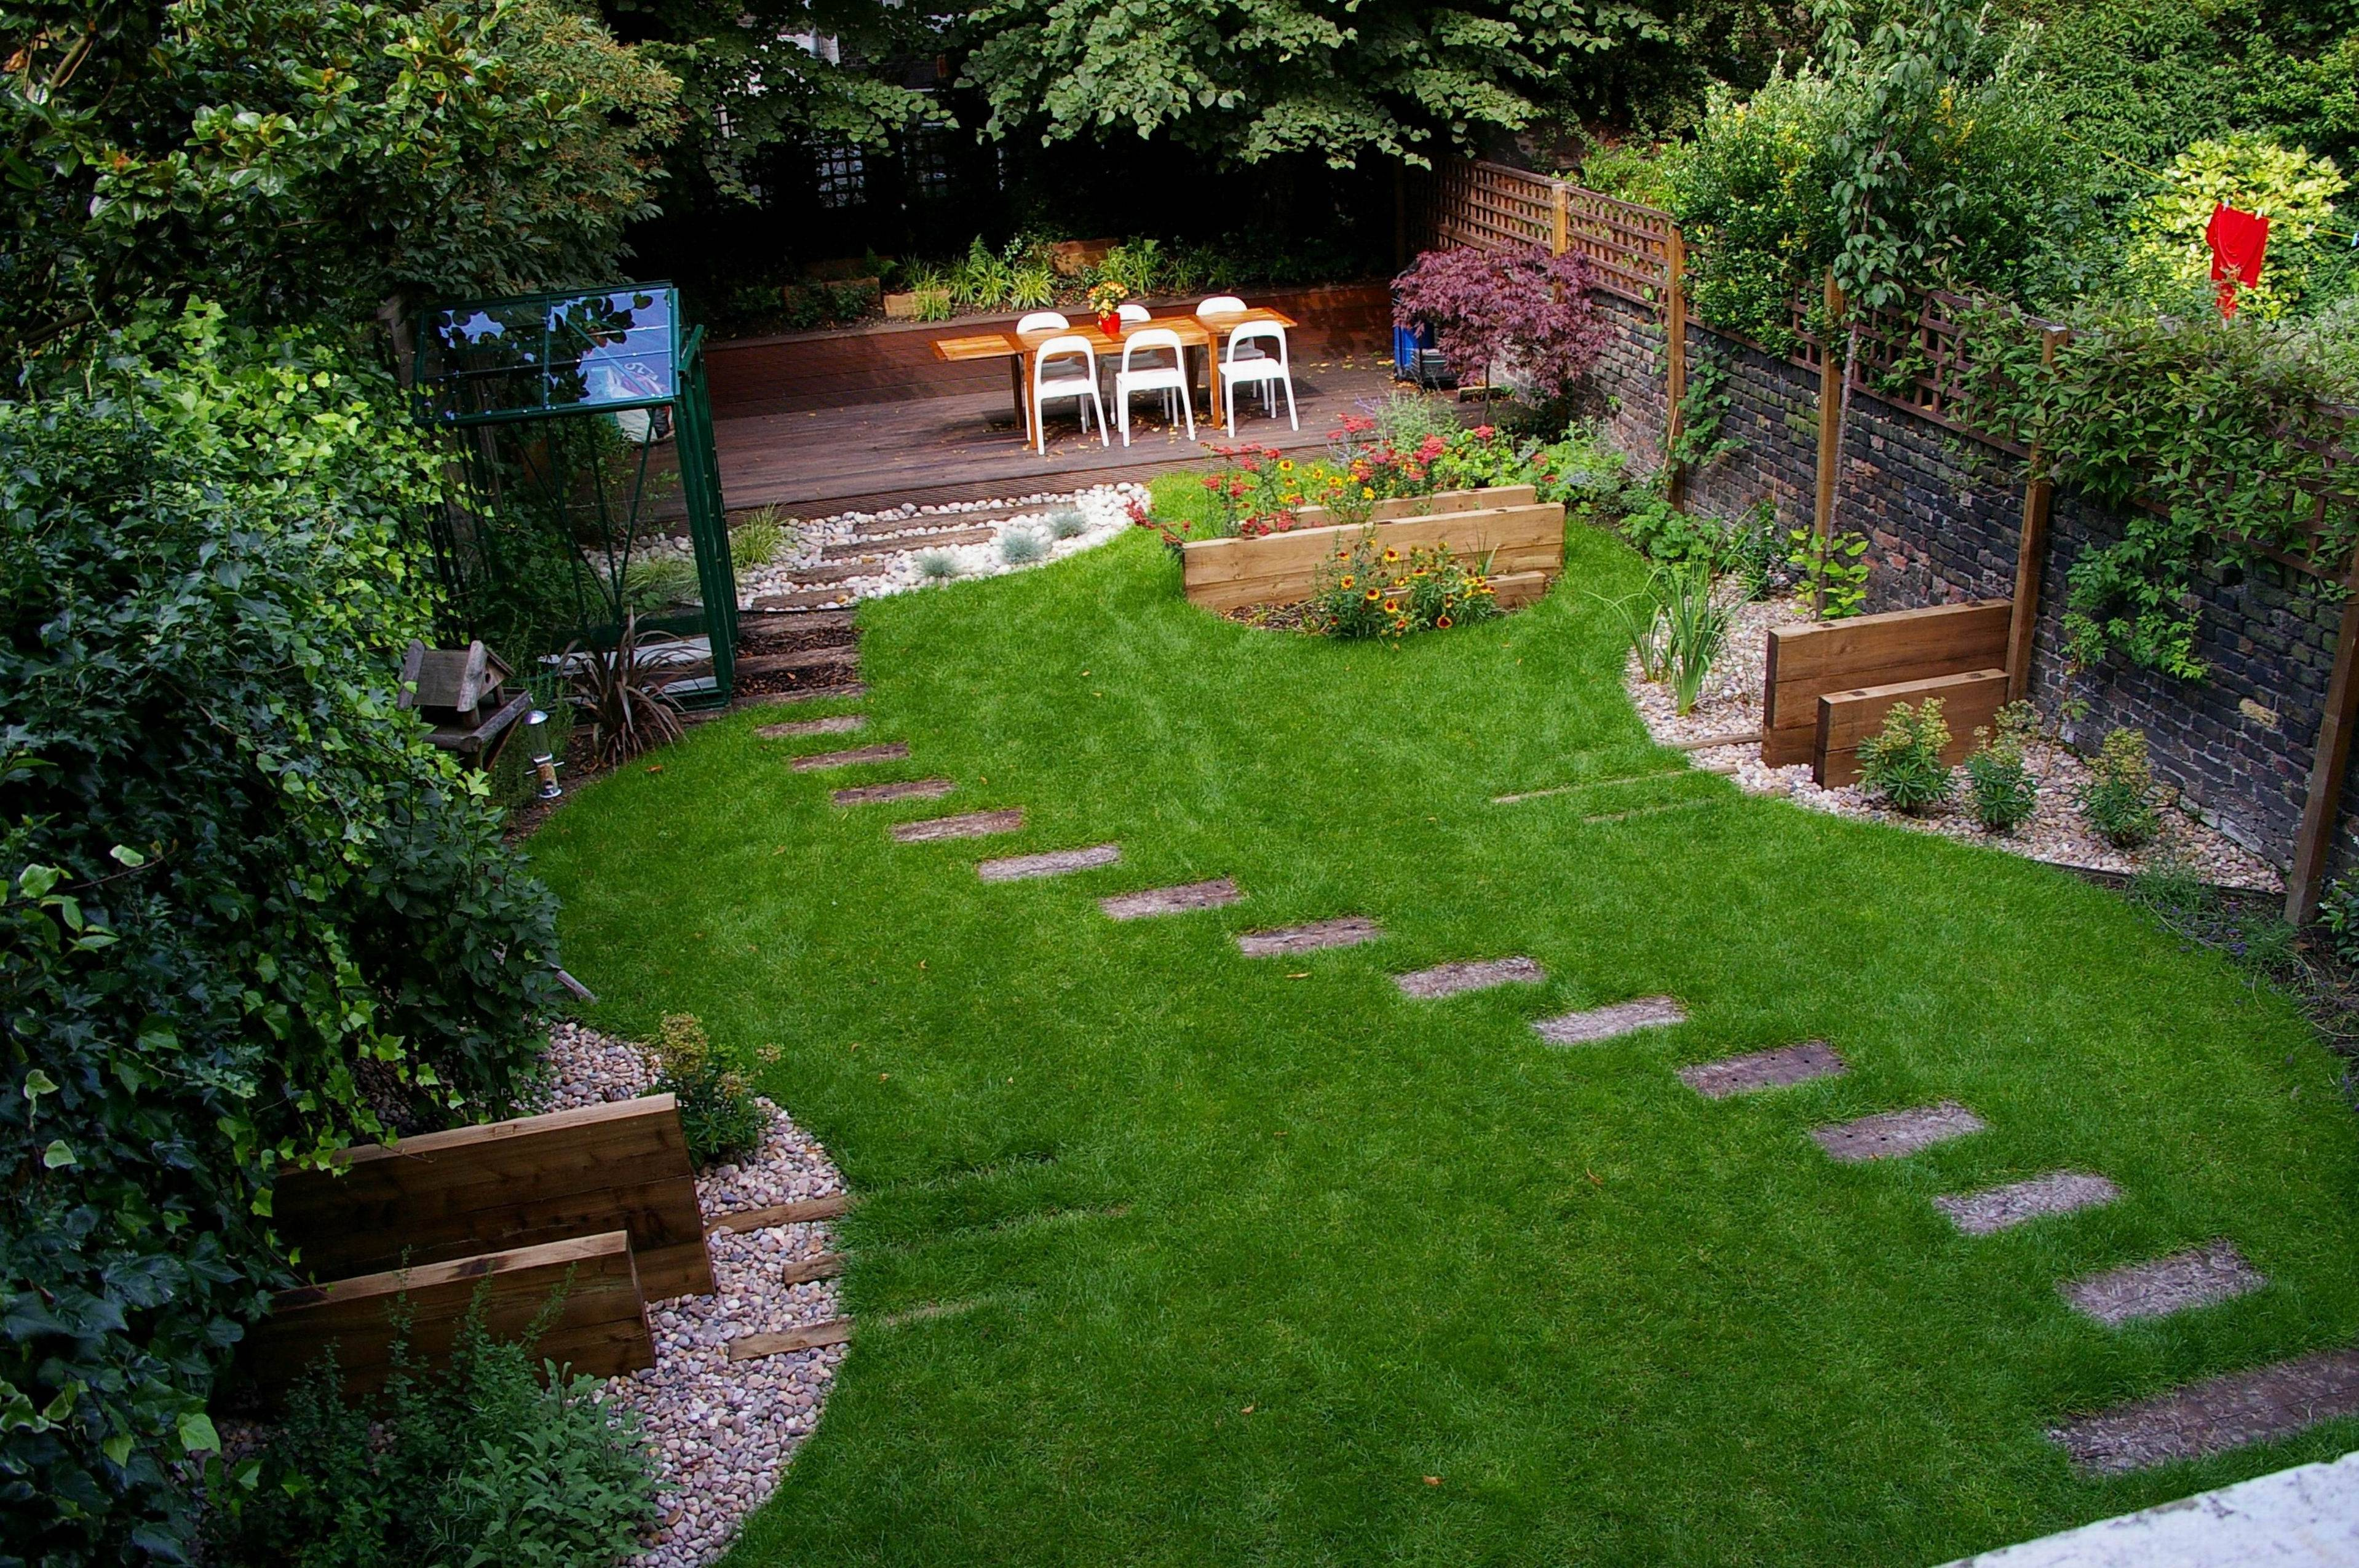 Ландшафтный дизайн участка площадью 4 сотки ( 50 фото): проект узкого вытянутого дворика